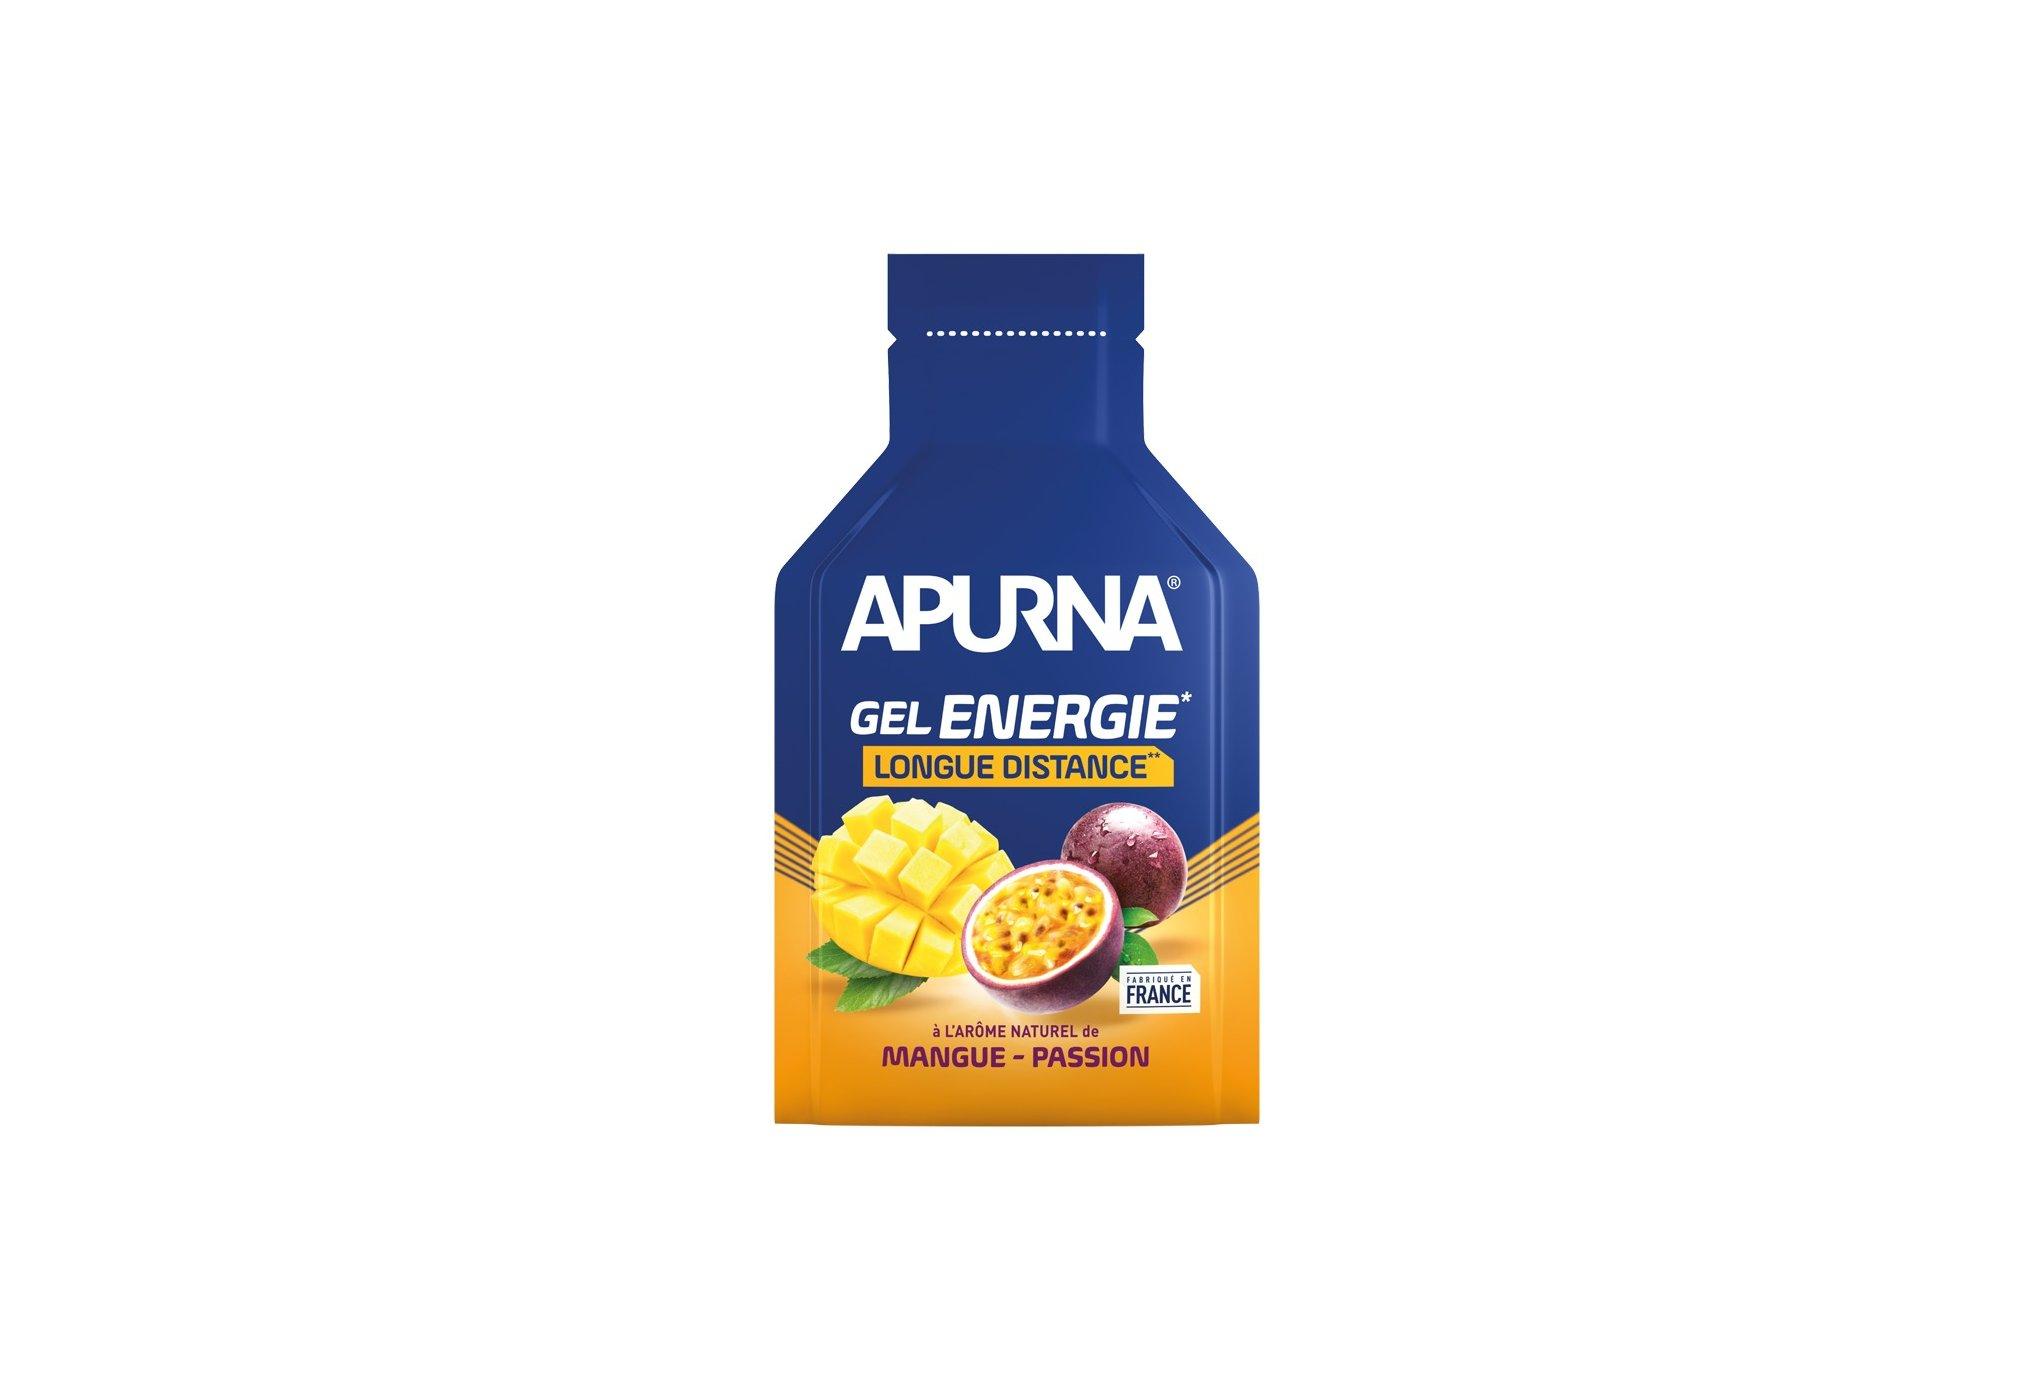 Apurna Gel Energie Longue distance Mangue/Passion Diététique Gels